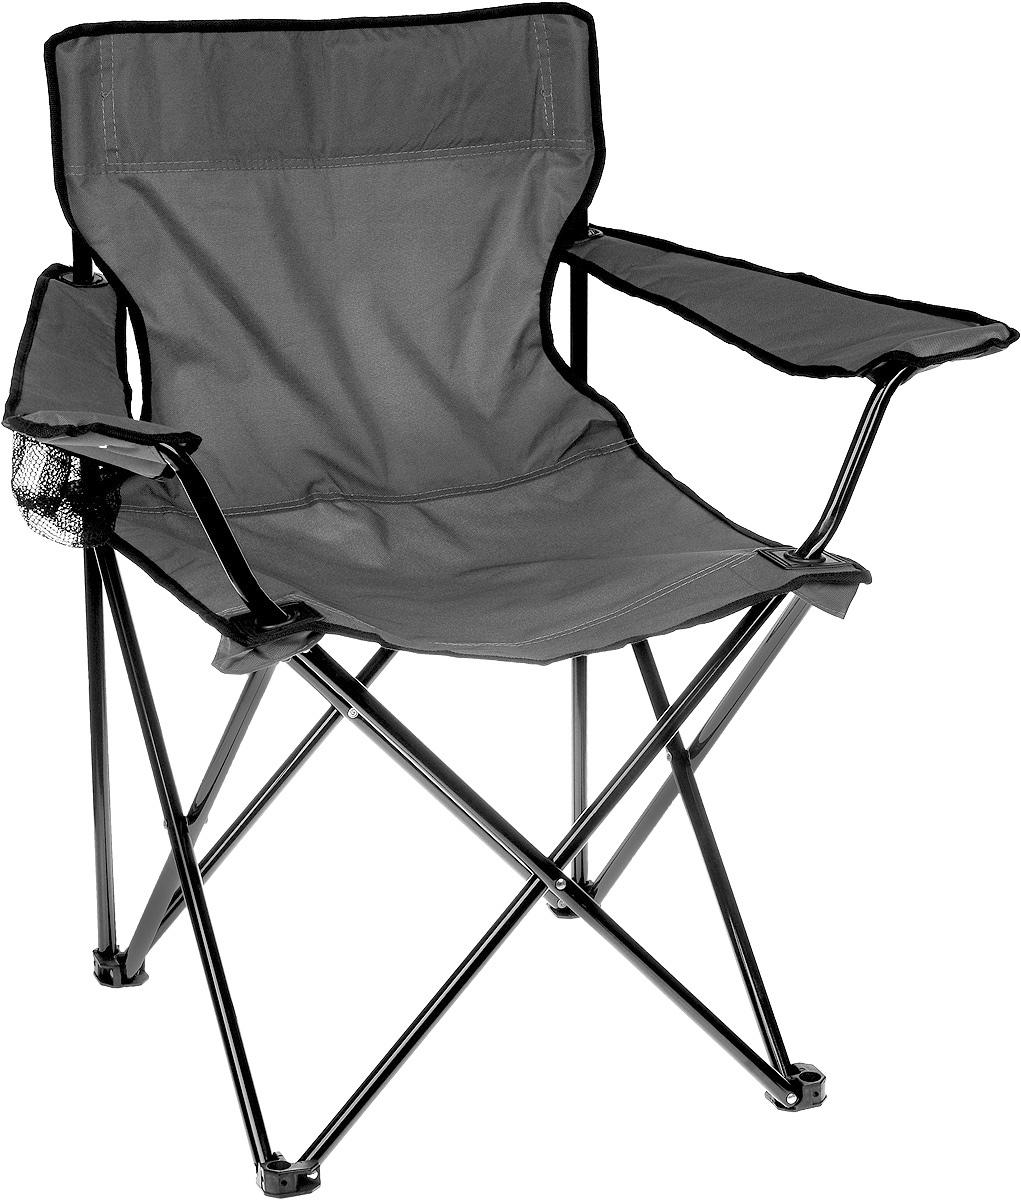 Кресло складное Wildman, с подлокотником, цвет: серый, черный, 77 х 50 х 80 см81-598На складном кресле Wildman можно удобно расположиться в тени деревьев, отдохнуть в приятной прохладе летнего вечера. В использовании такое кресло достойно самых лучших похвал. Кресло выполнено из прочной ткани оксфорд, каркас стальной. Кресло оснащено удобными подлокотниками, в одном из них расположен подстаканник. В сложенном виде кресло удобно для хранения и переноски. В комплекте чехол для переноски и хранения. Максимальная нагрузка: 100 кг.